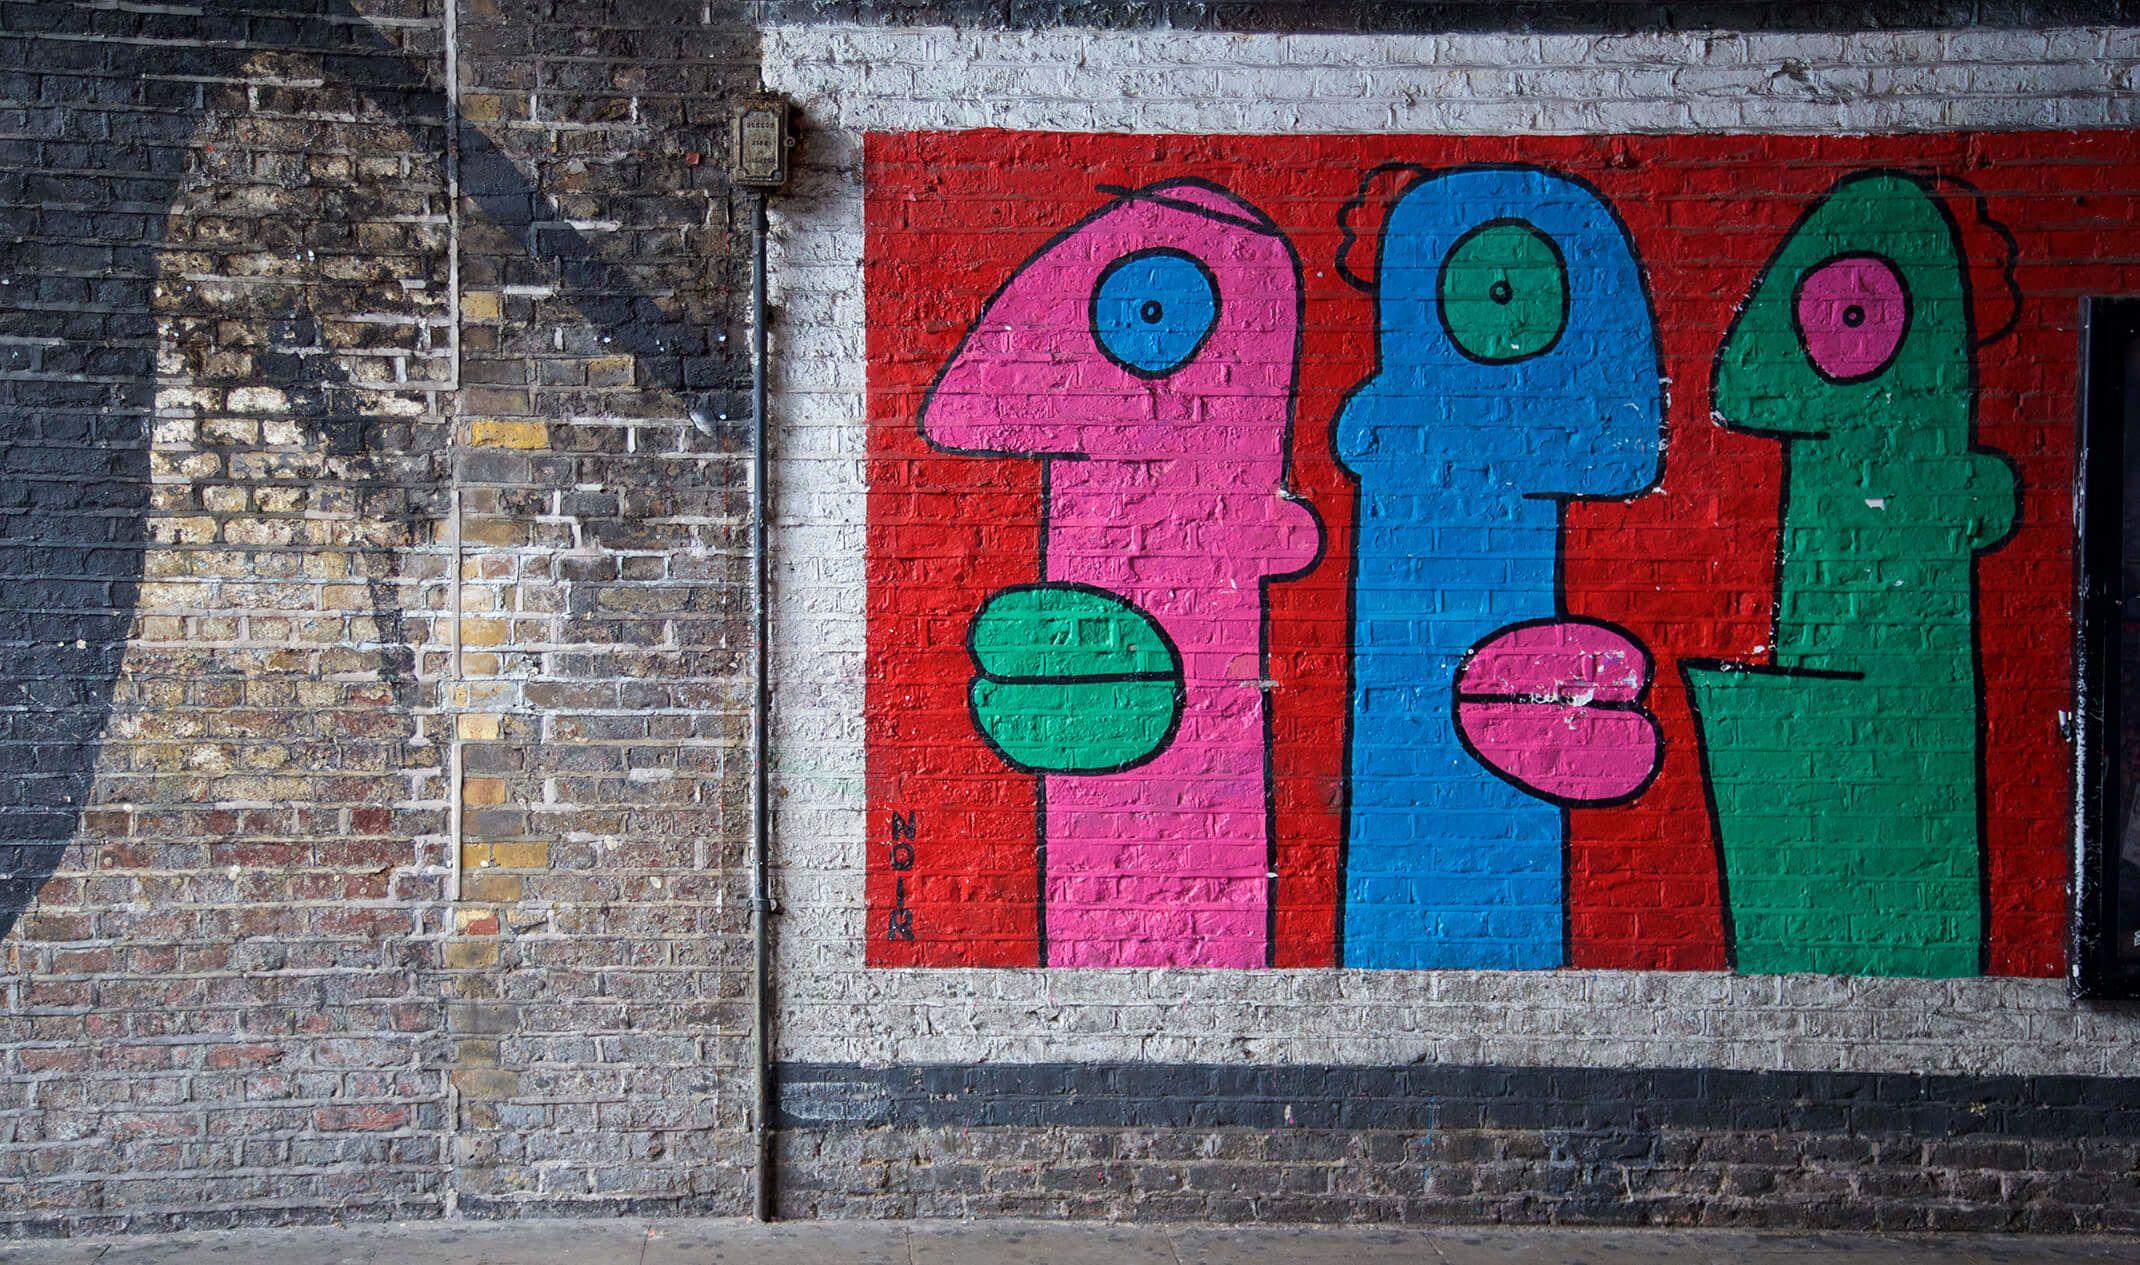 graffiti wall of three heads